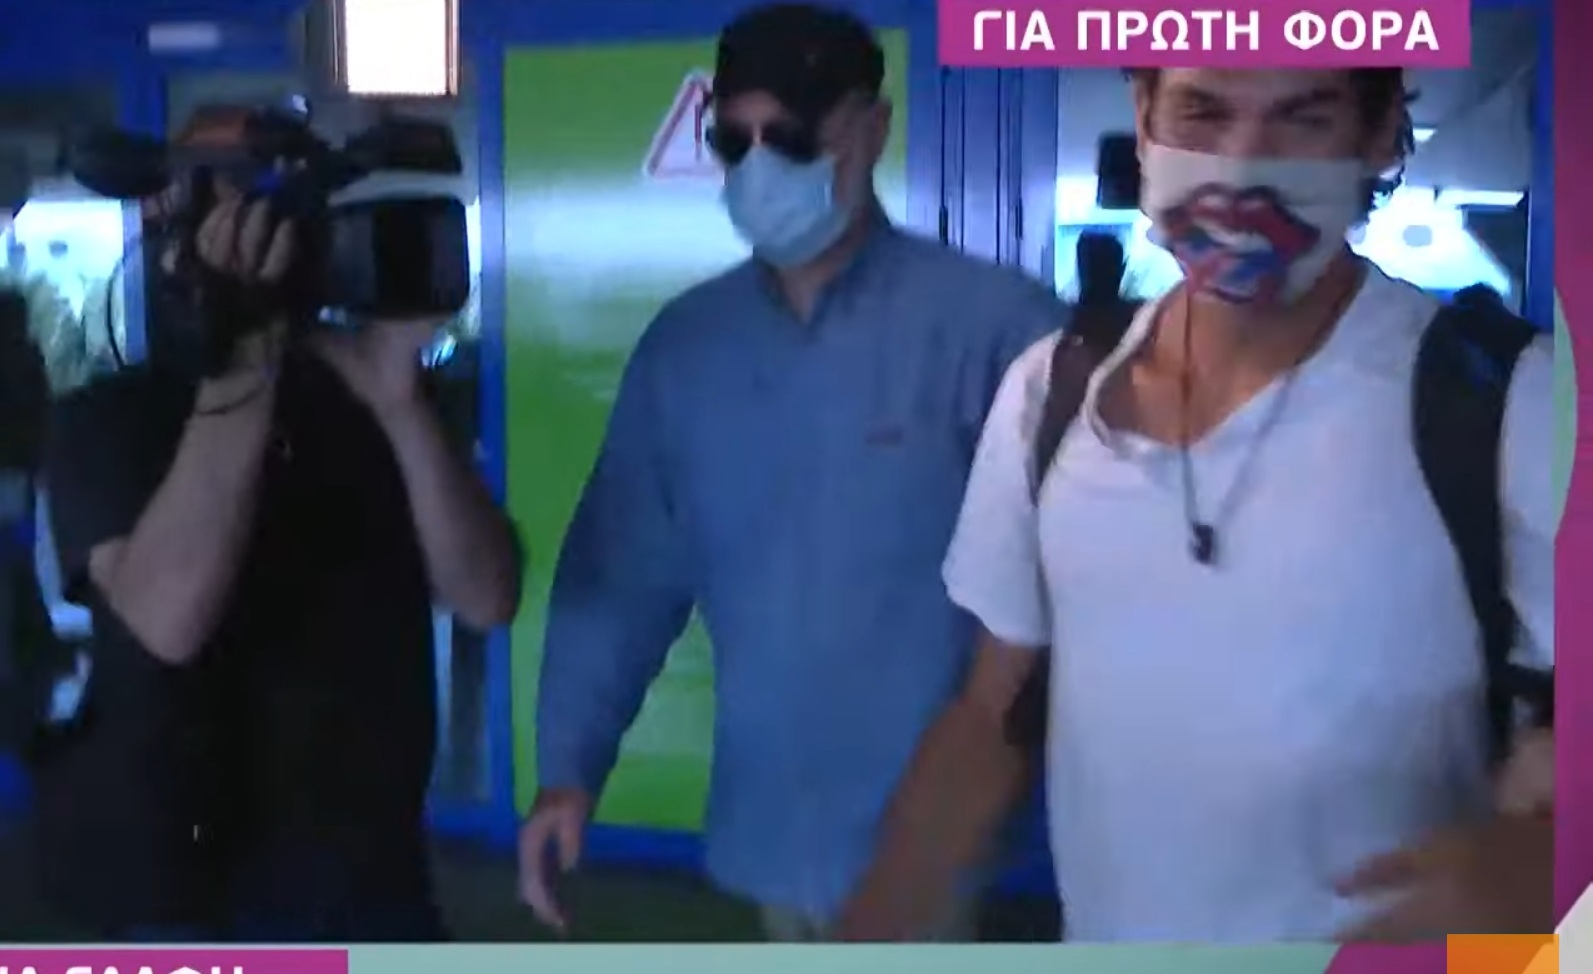 Παύλος Γαλακτερός: Έφτασε στο αεροδρόμιο συνοδευόμενος από σωματοφύλακες